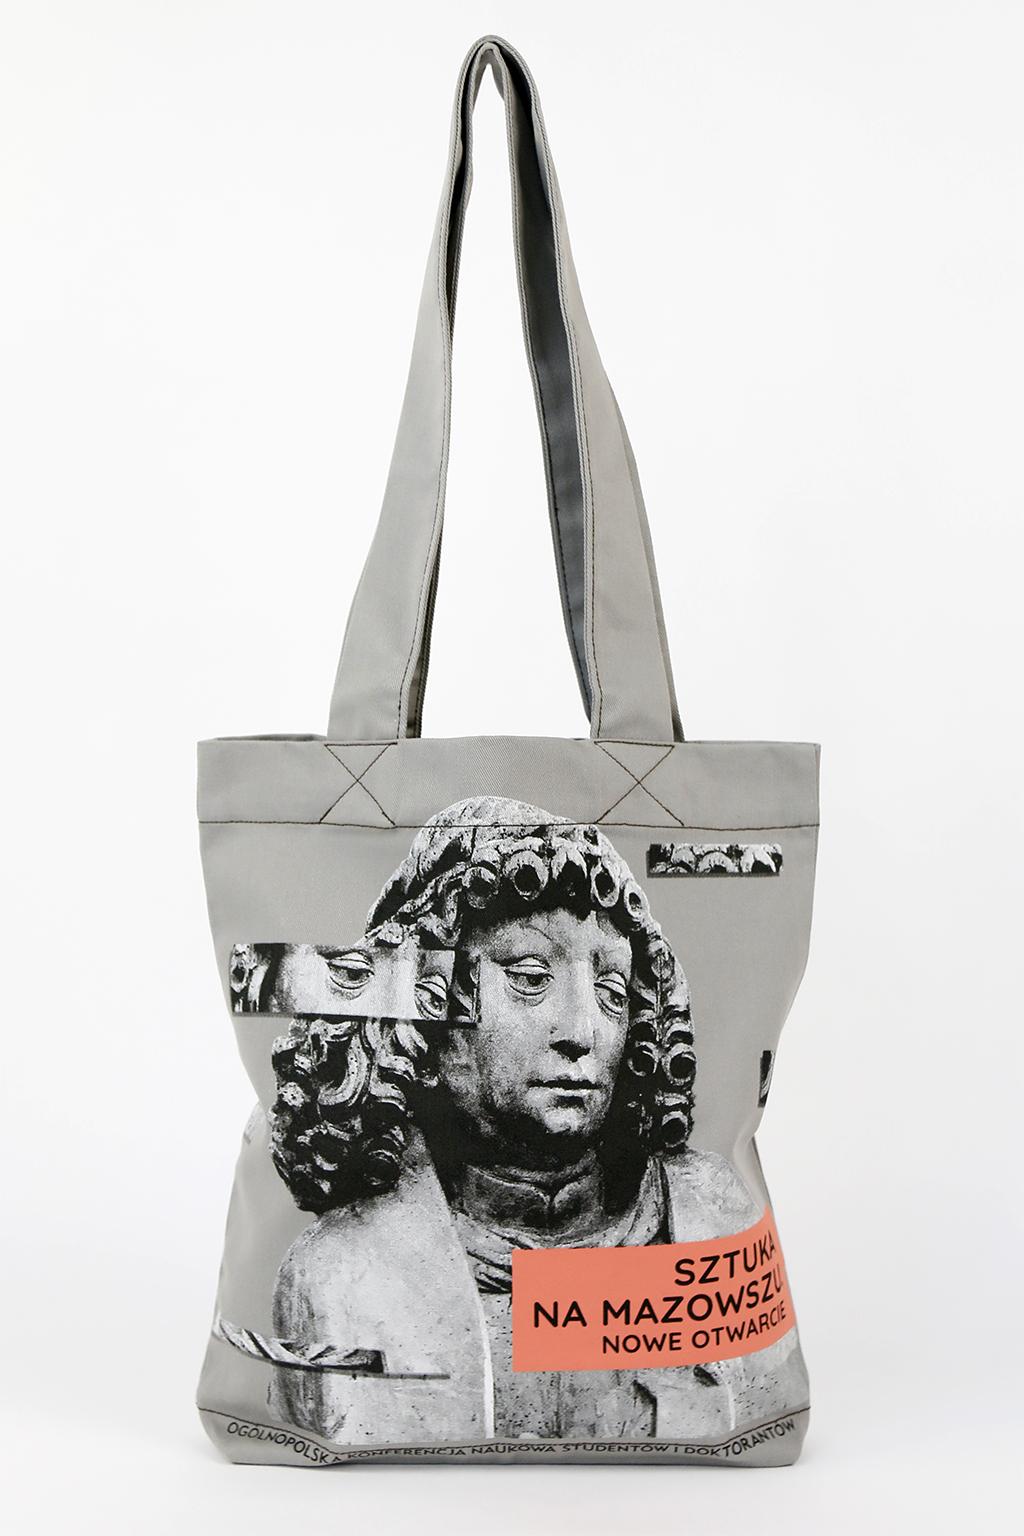 bawełniana torba na ramię, torba w kolorze szarym z nadrukiem reklamowym: sztuka na mazowszu, nowe otwarcie, dwukolorowy nadruk metodą sitodruku, torba reklamowa na zamówienie